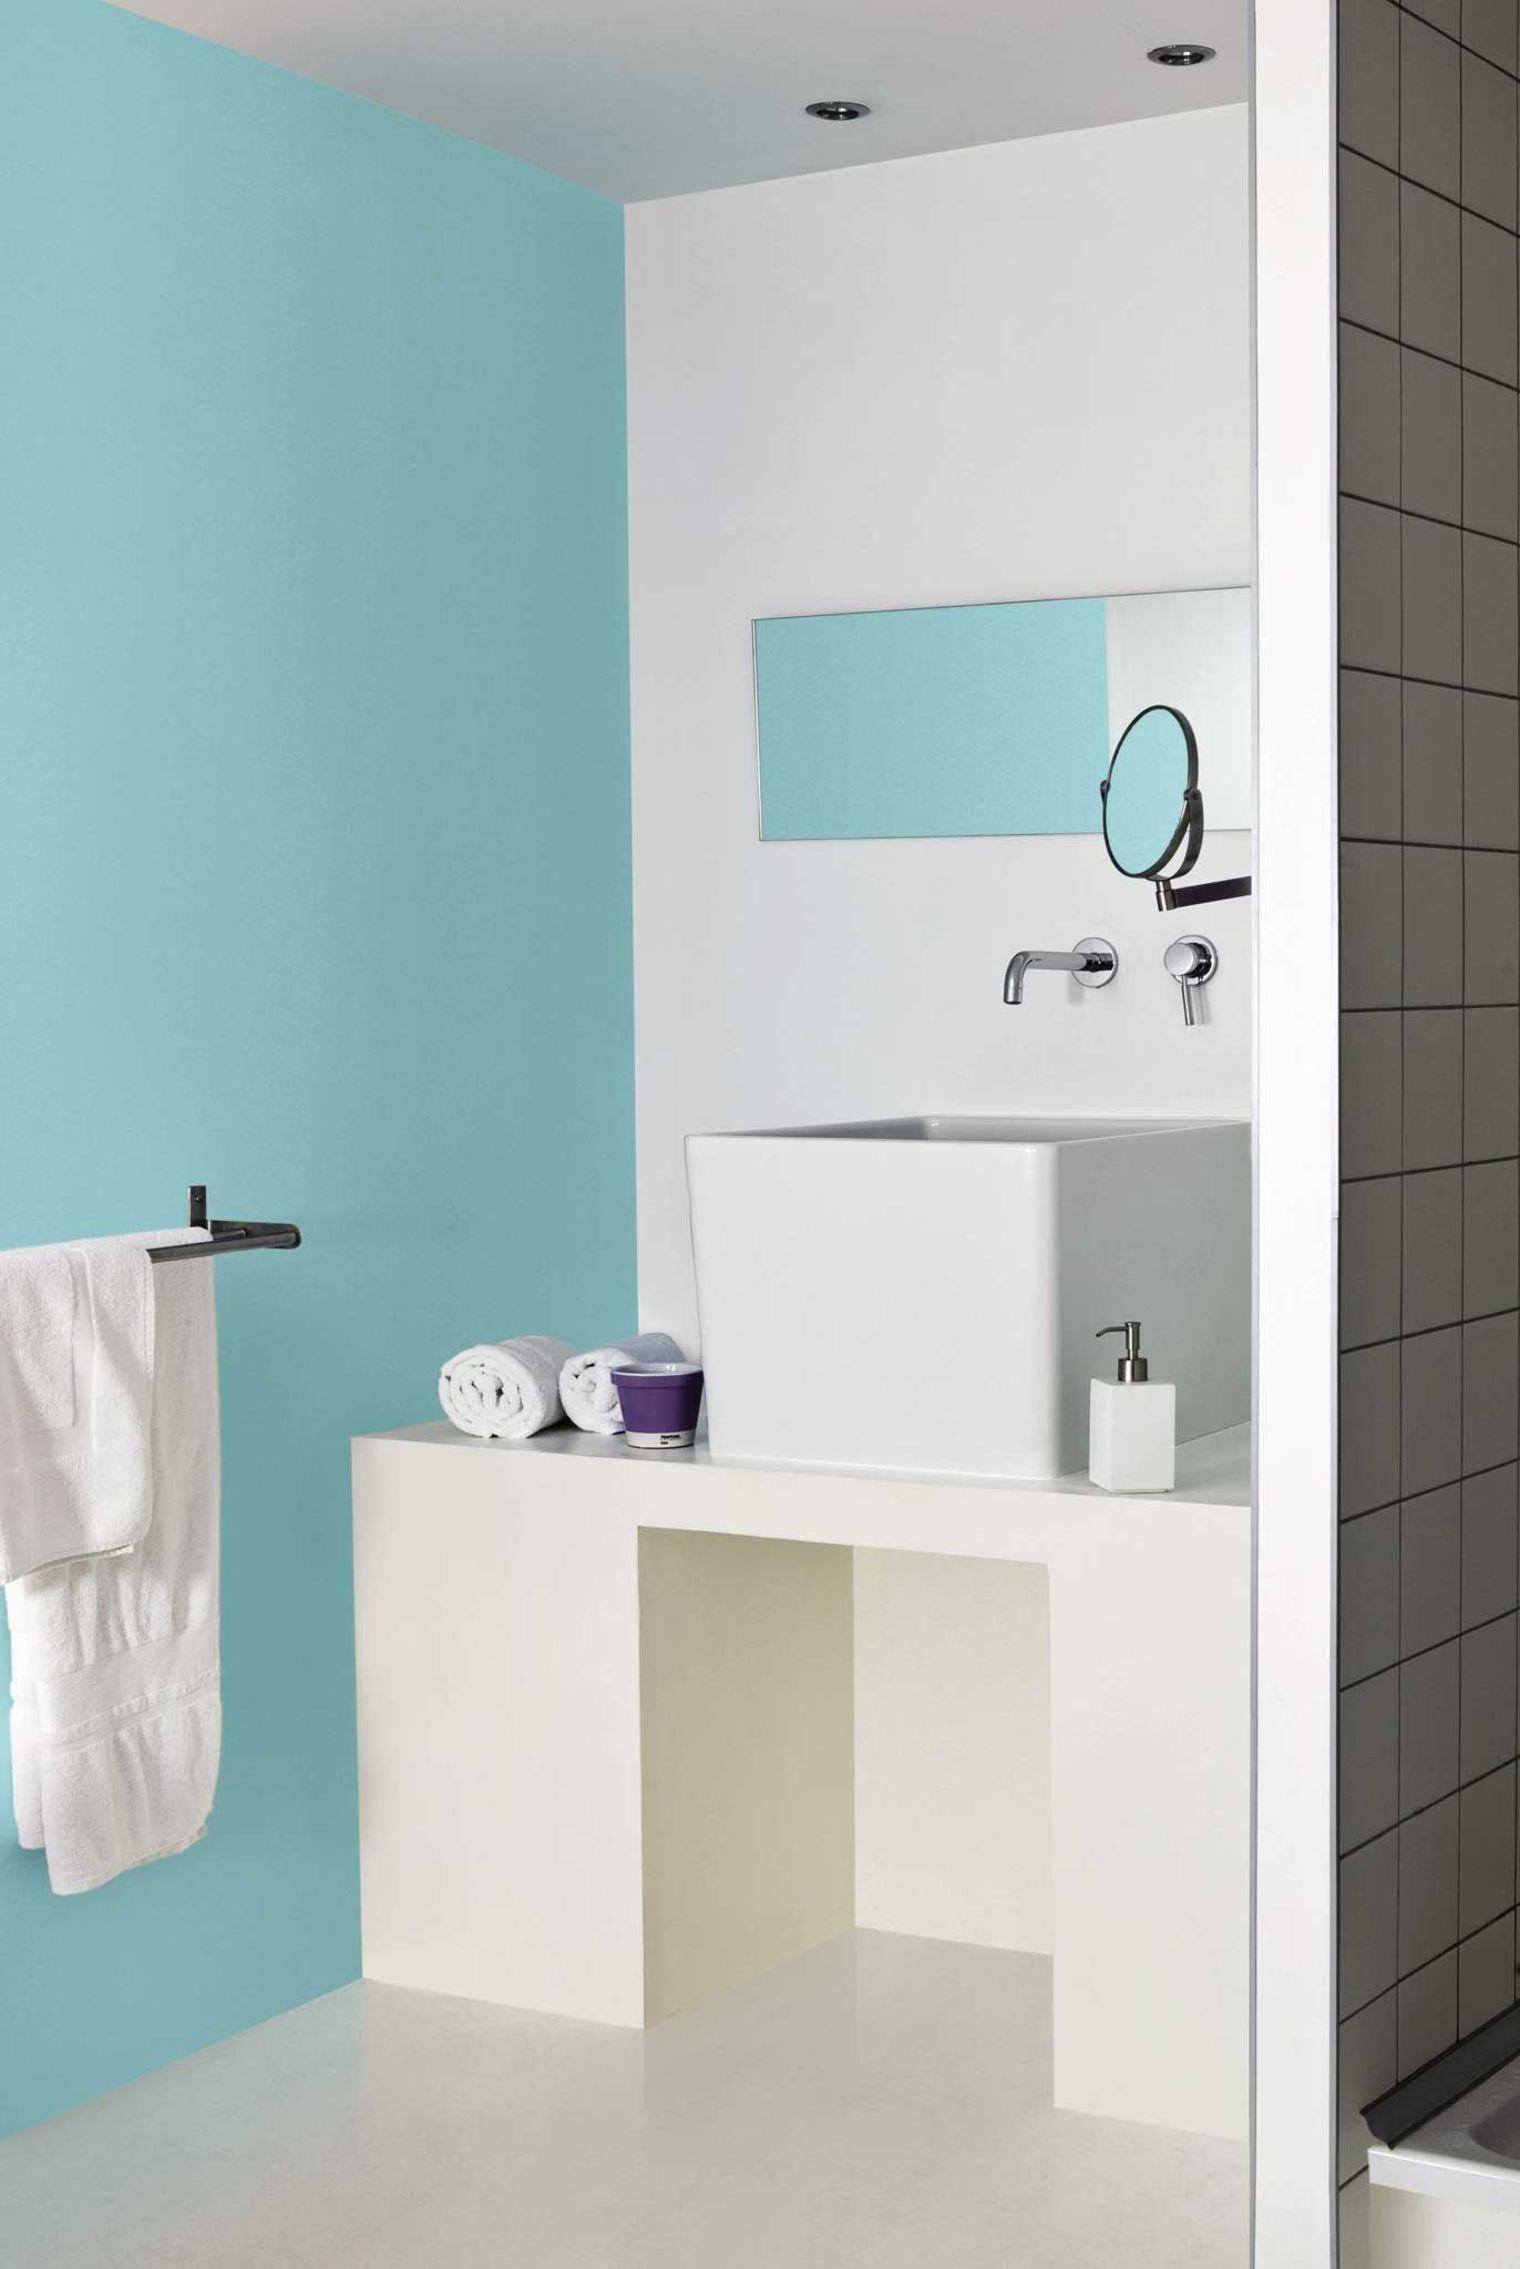 Decoration de cuisine moderne - Peinture carrelage salle de bain castorama ...